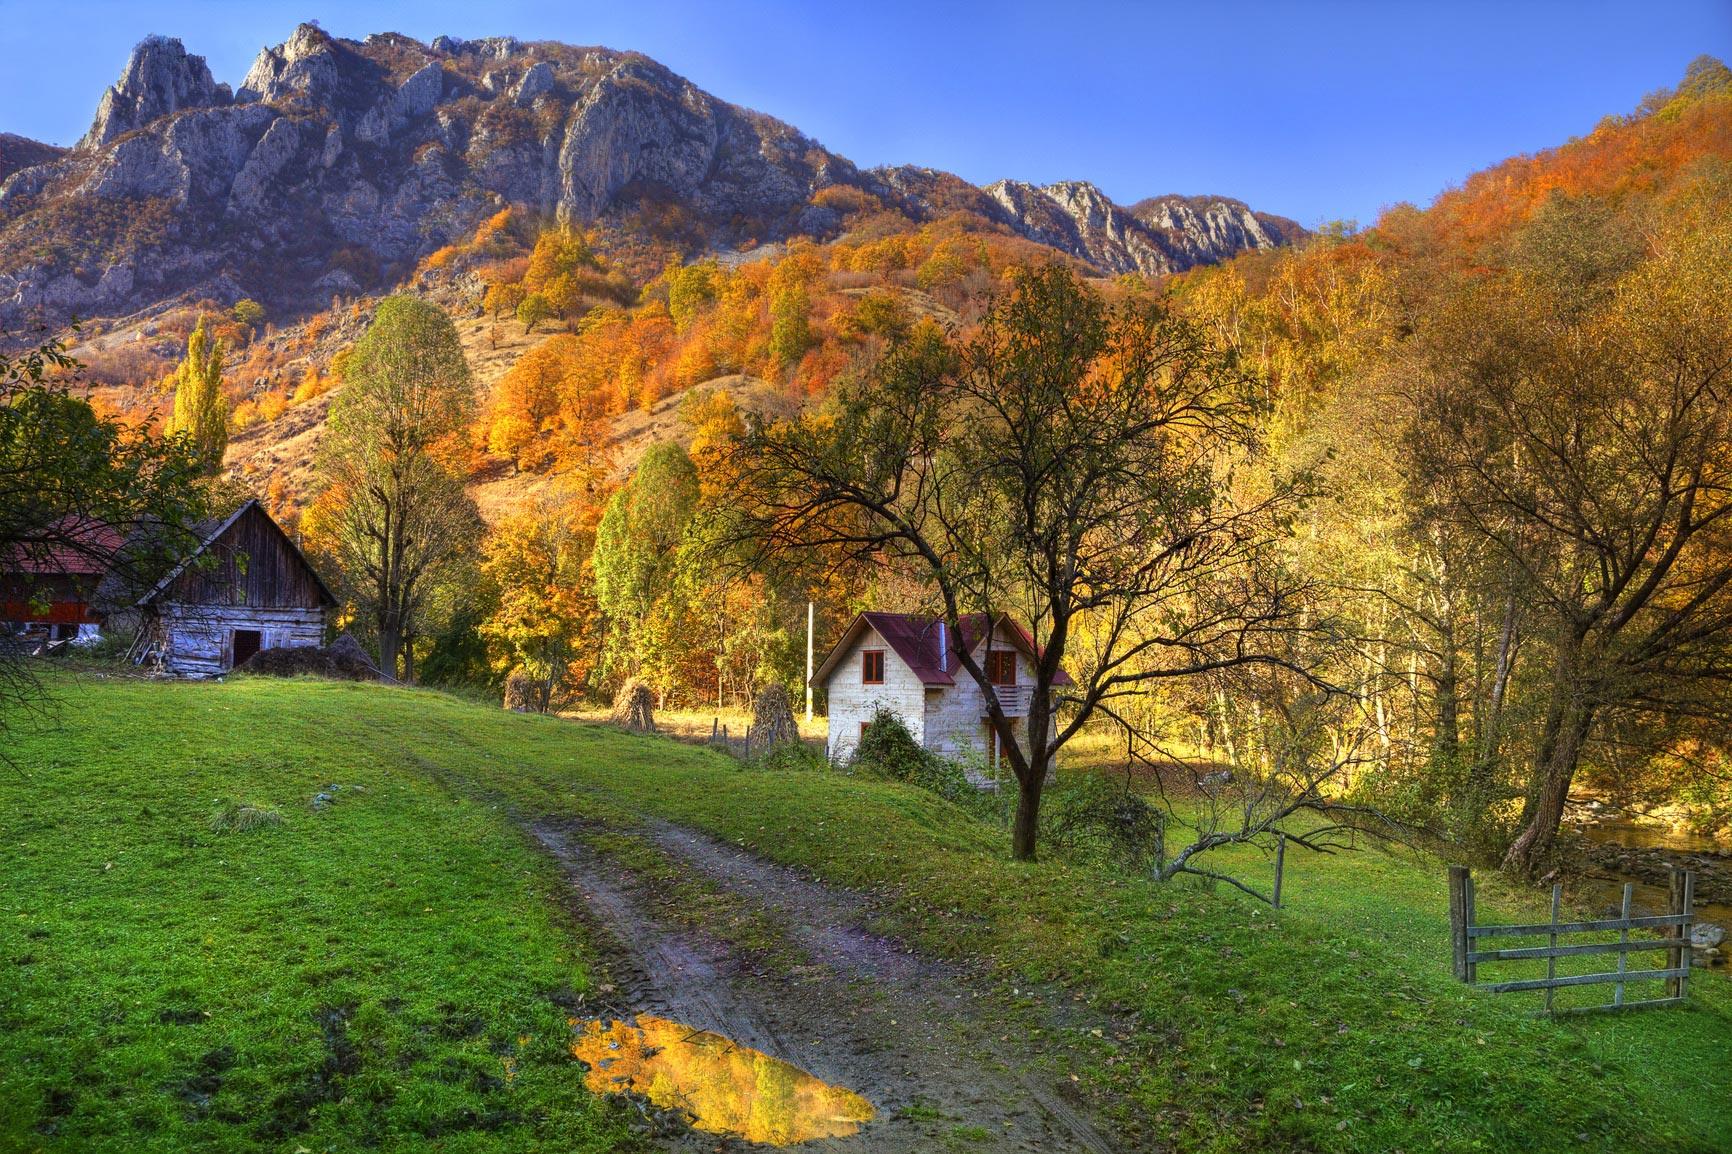 Romanian village in autumn